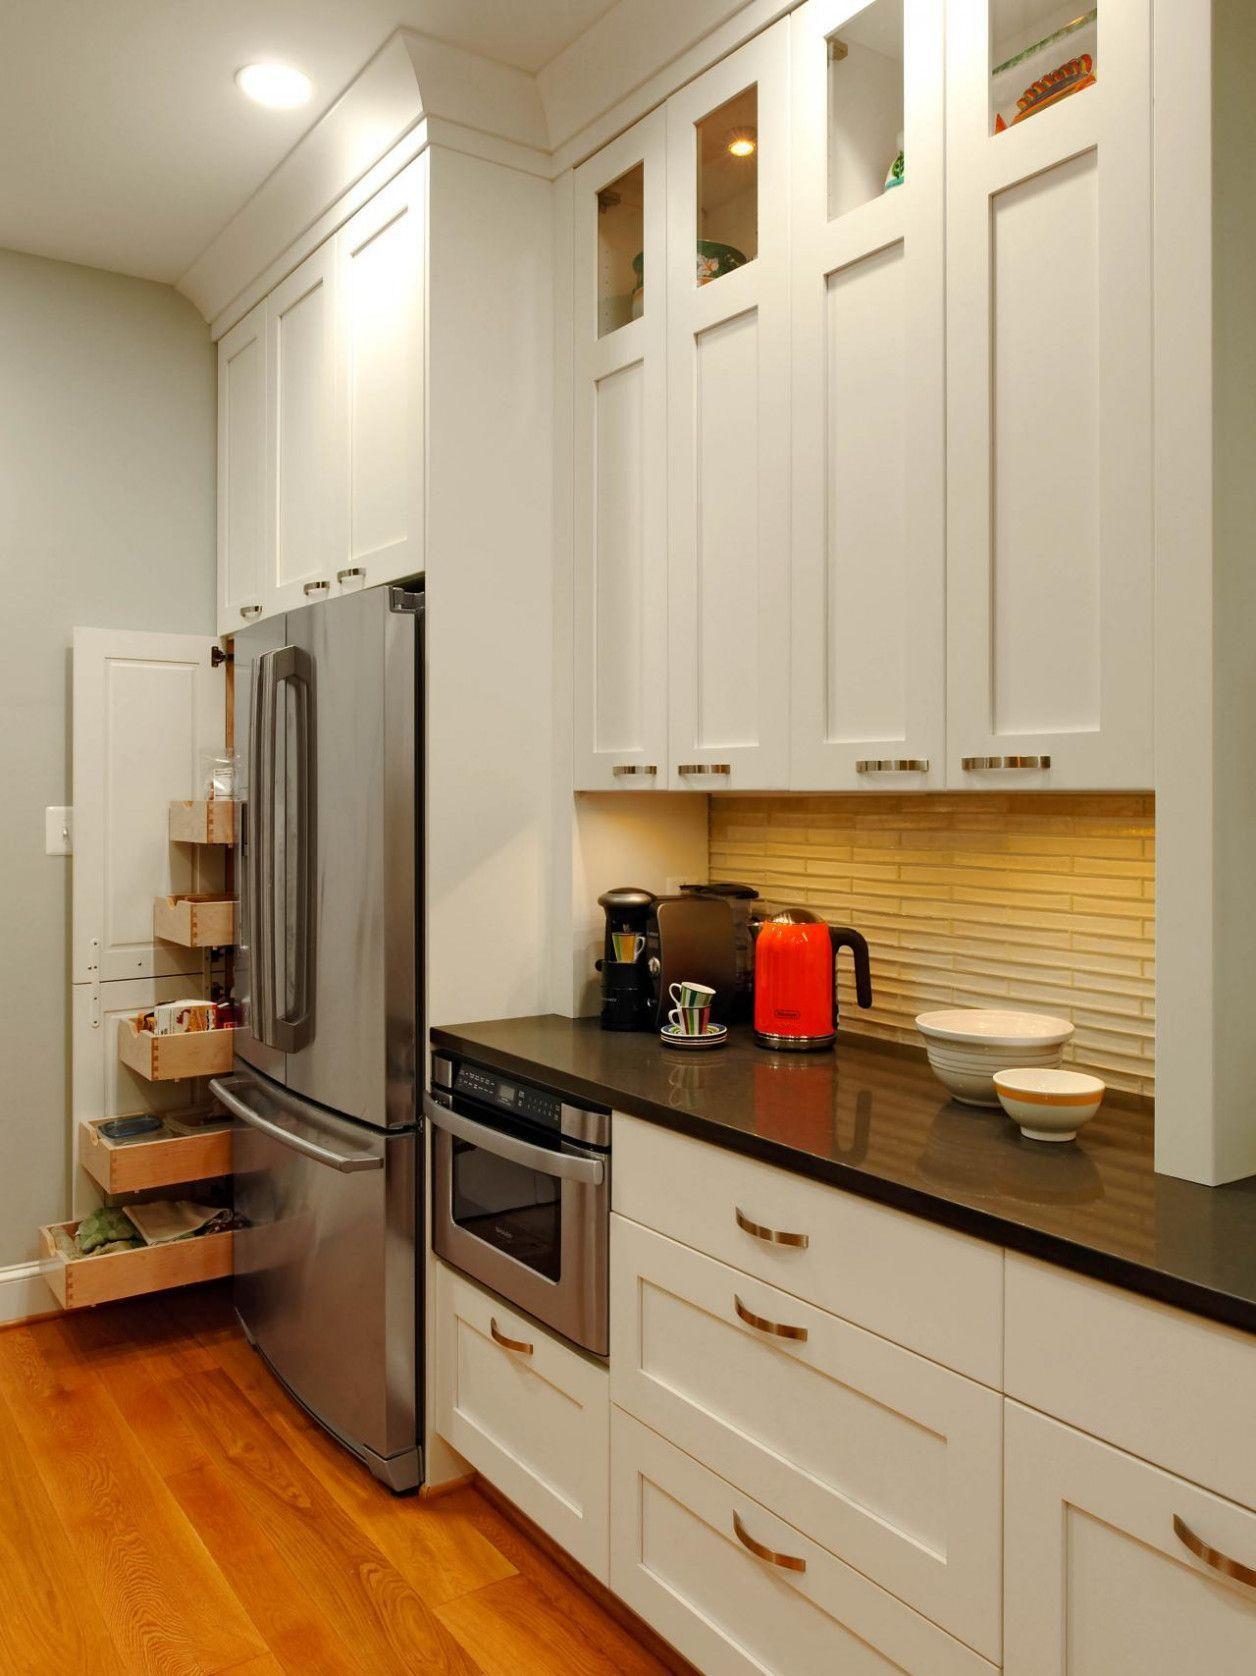 pin oleh ilham fahmy di kitchen set teak wood kitchen kitchen rh pinterest com